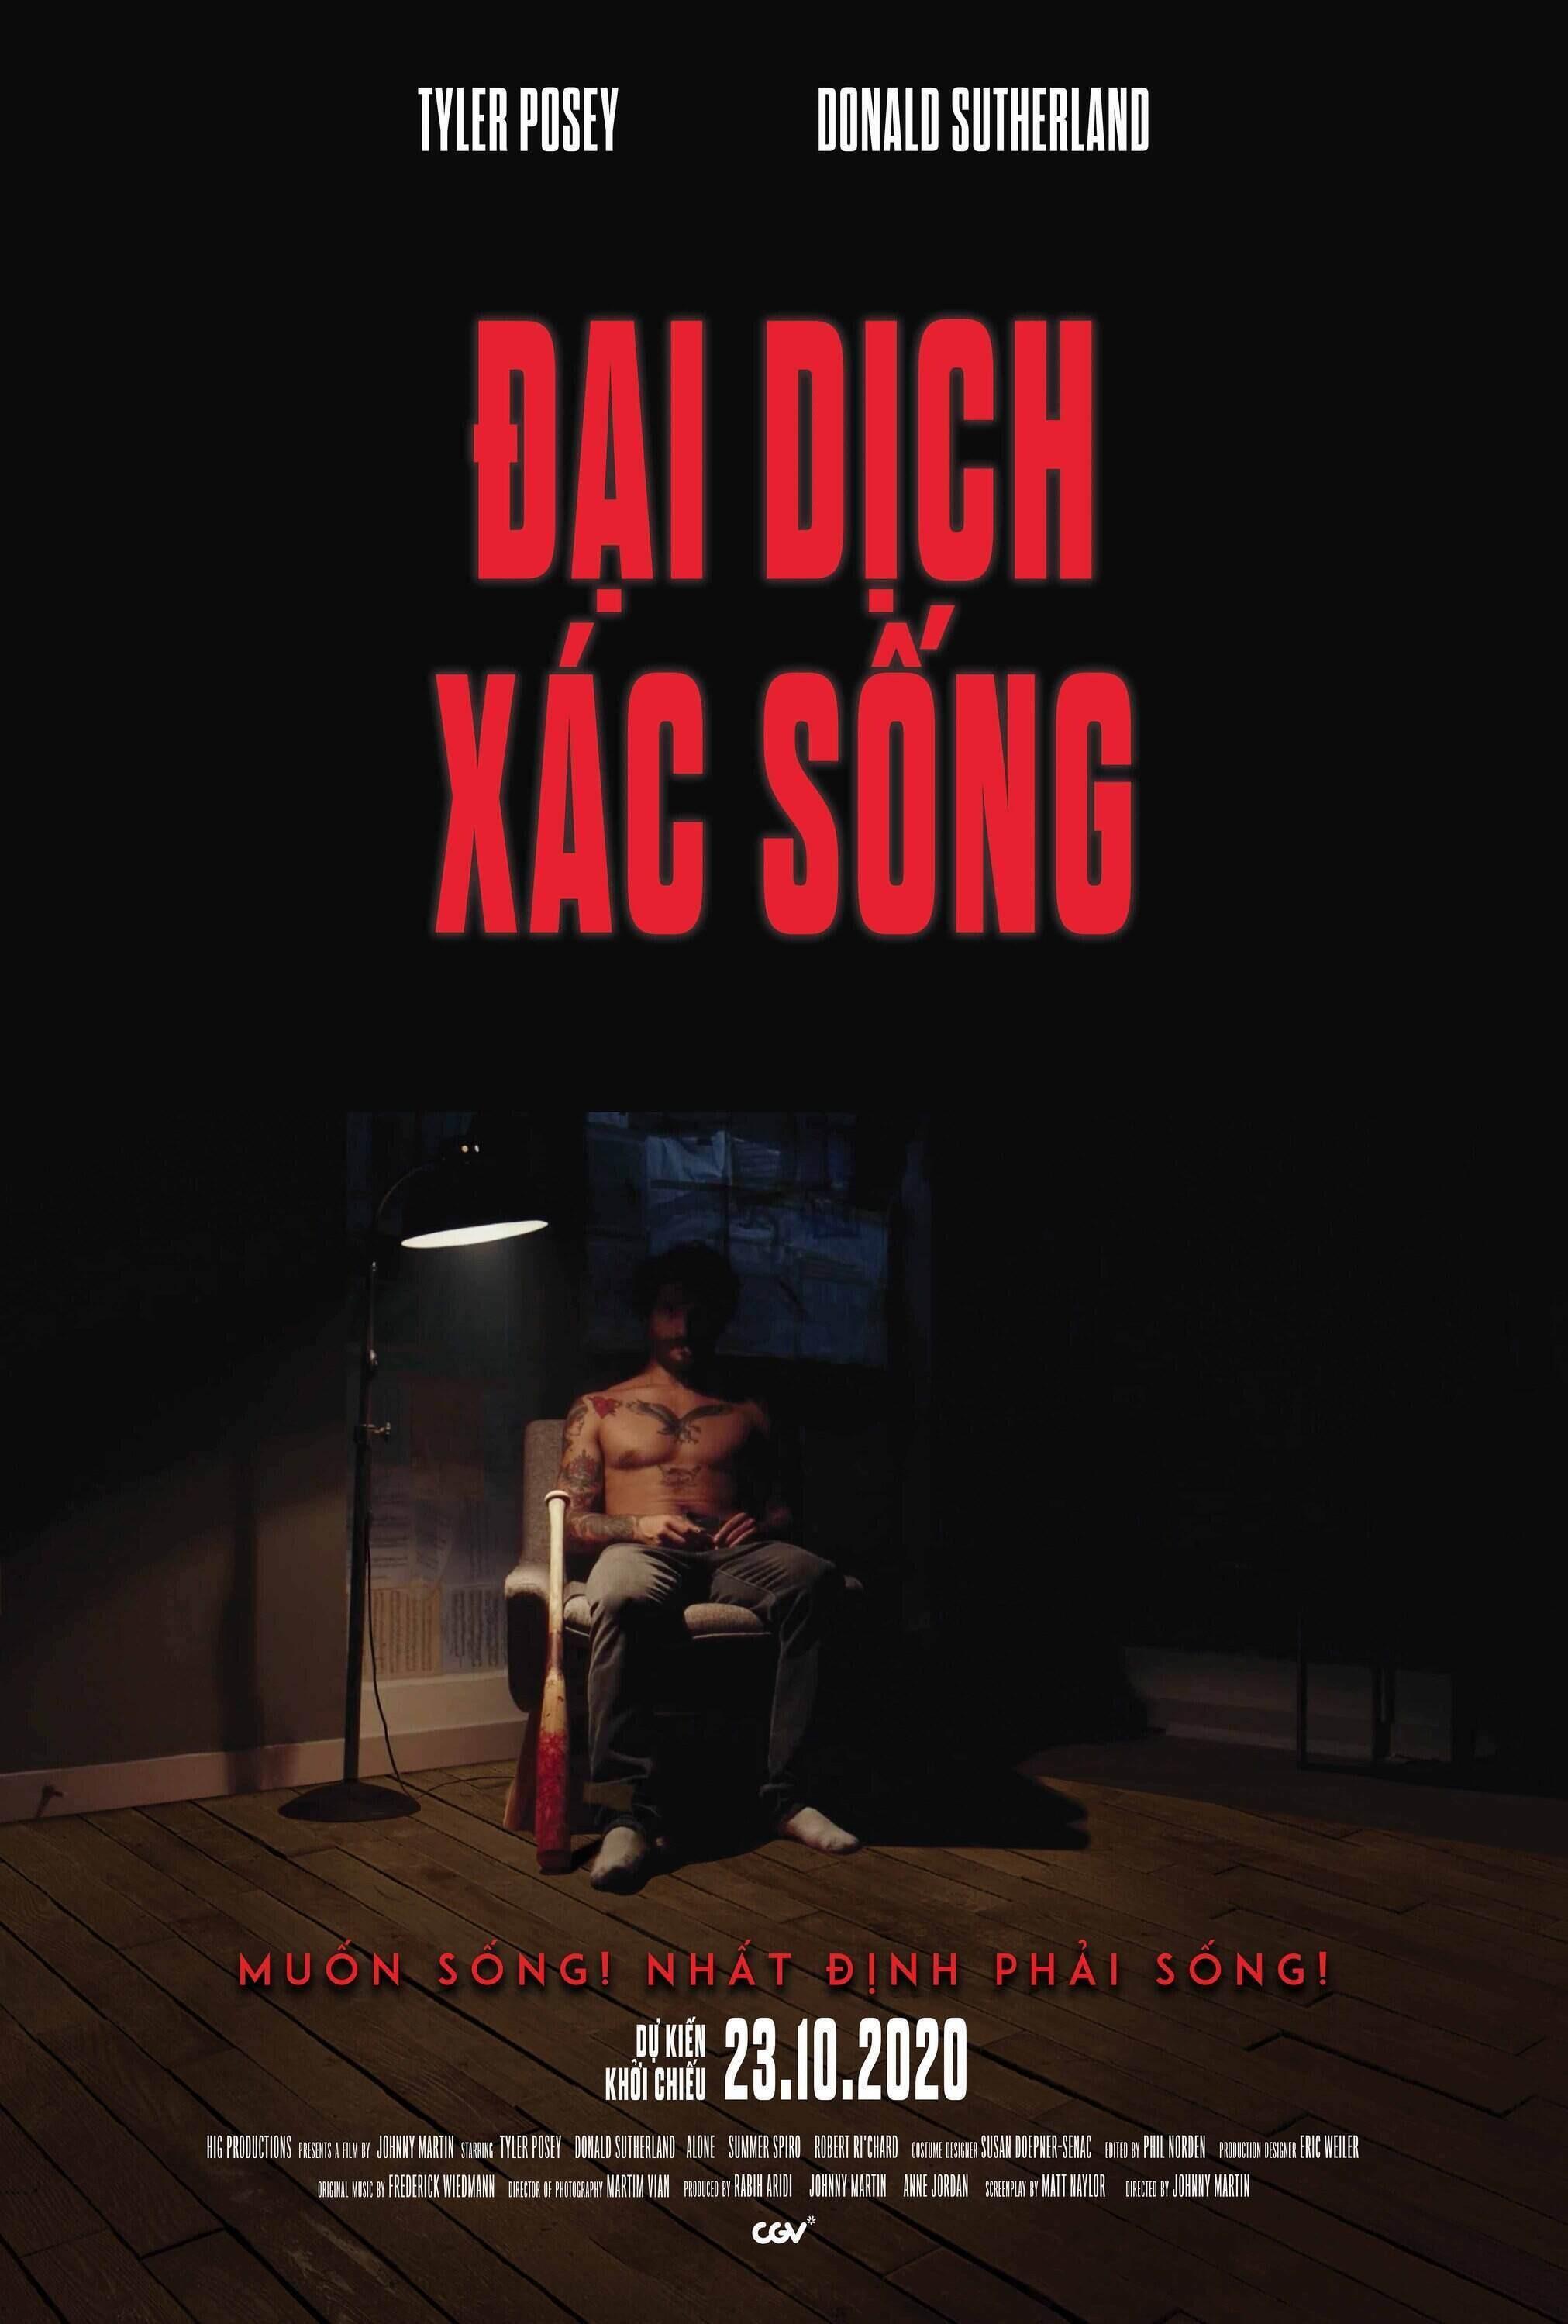 dai-dich-xac-song